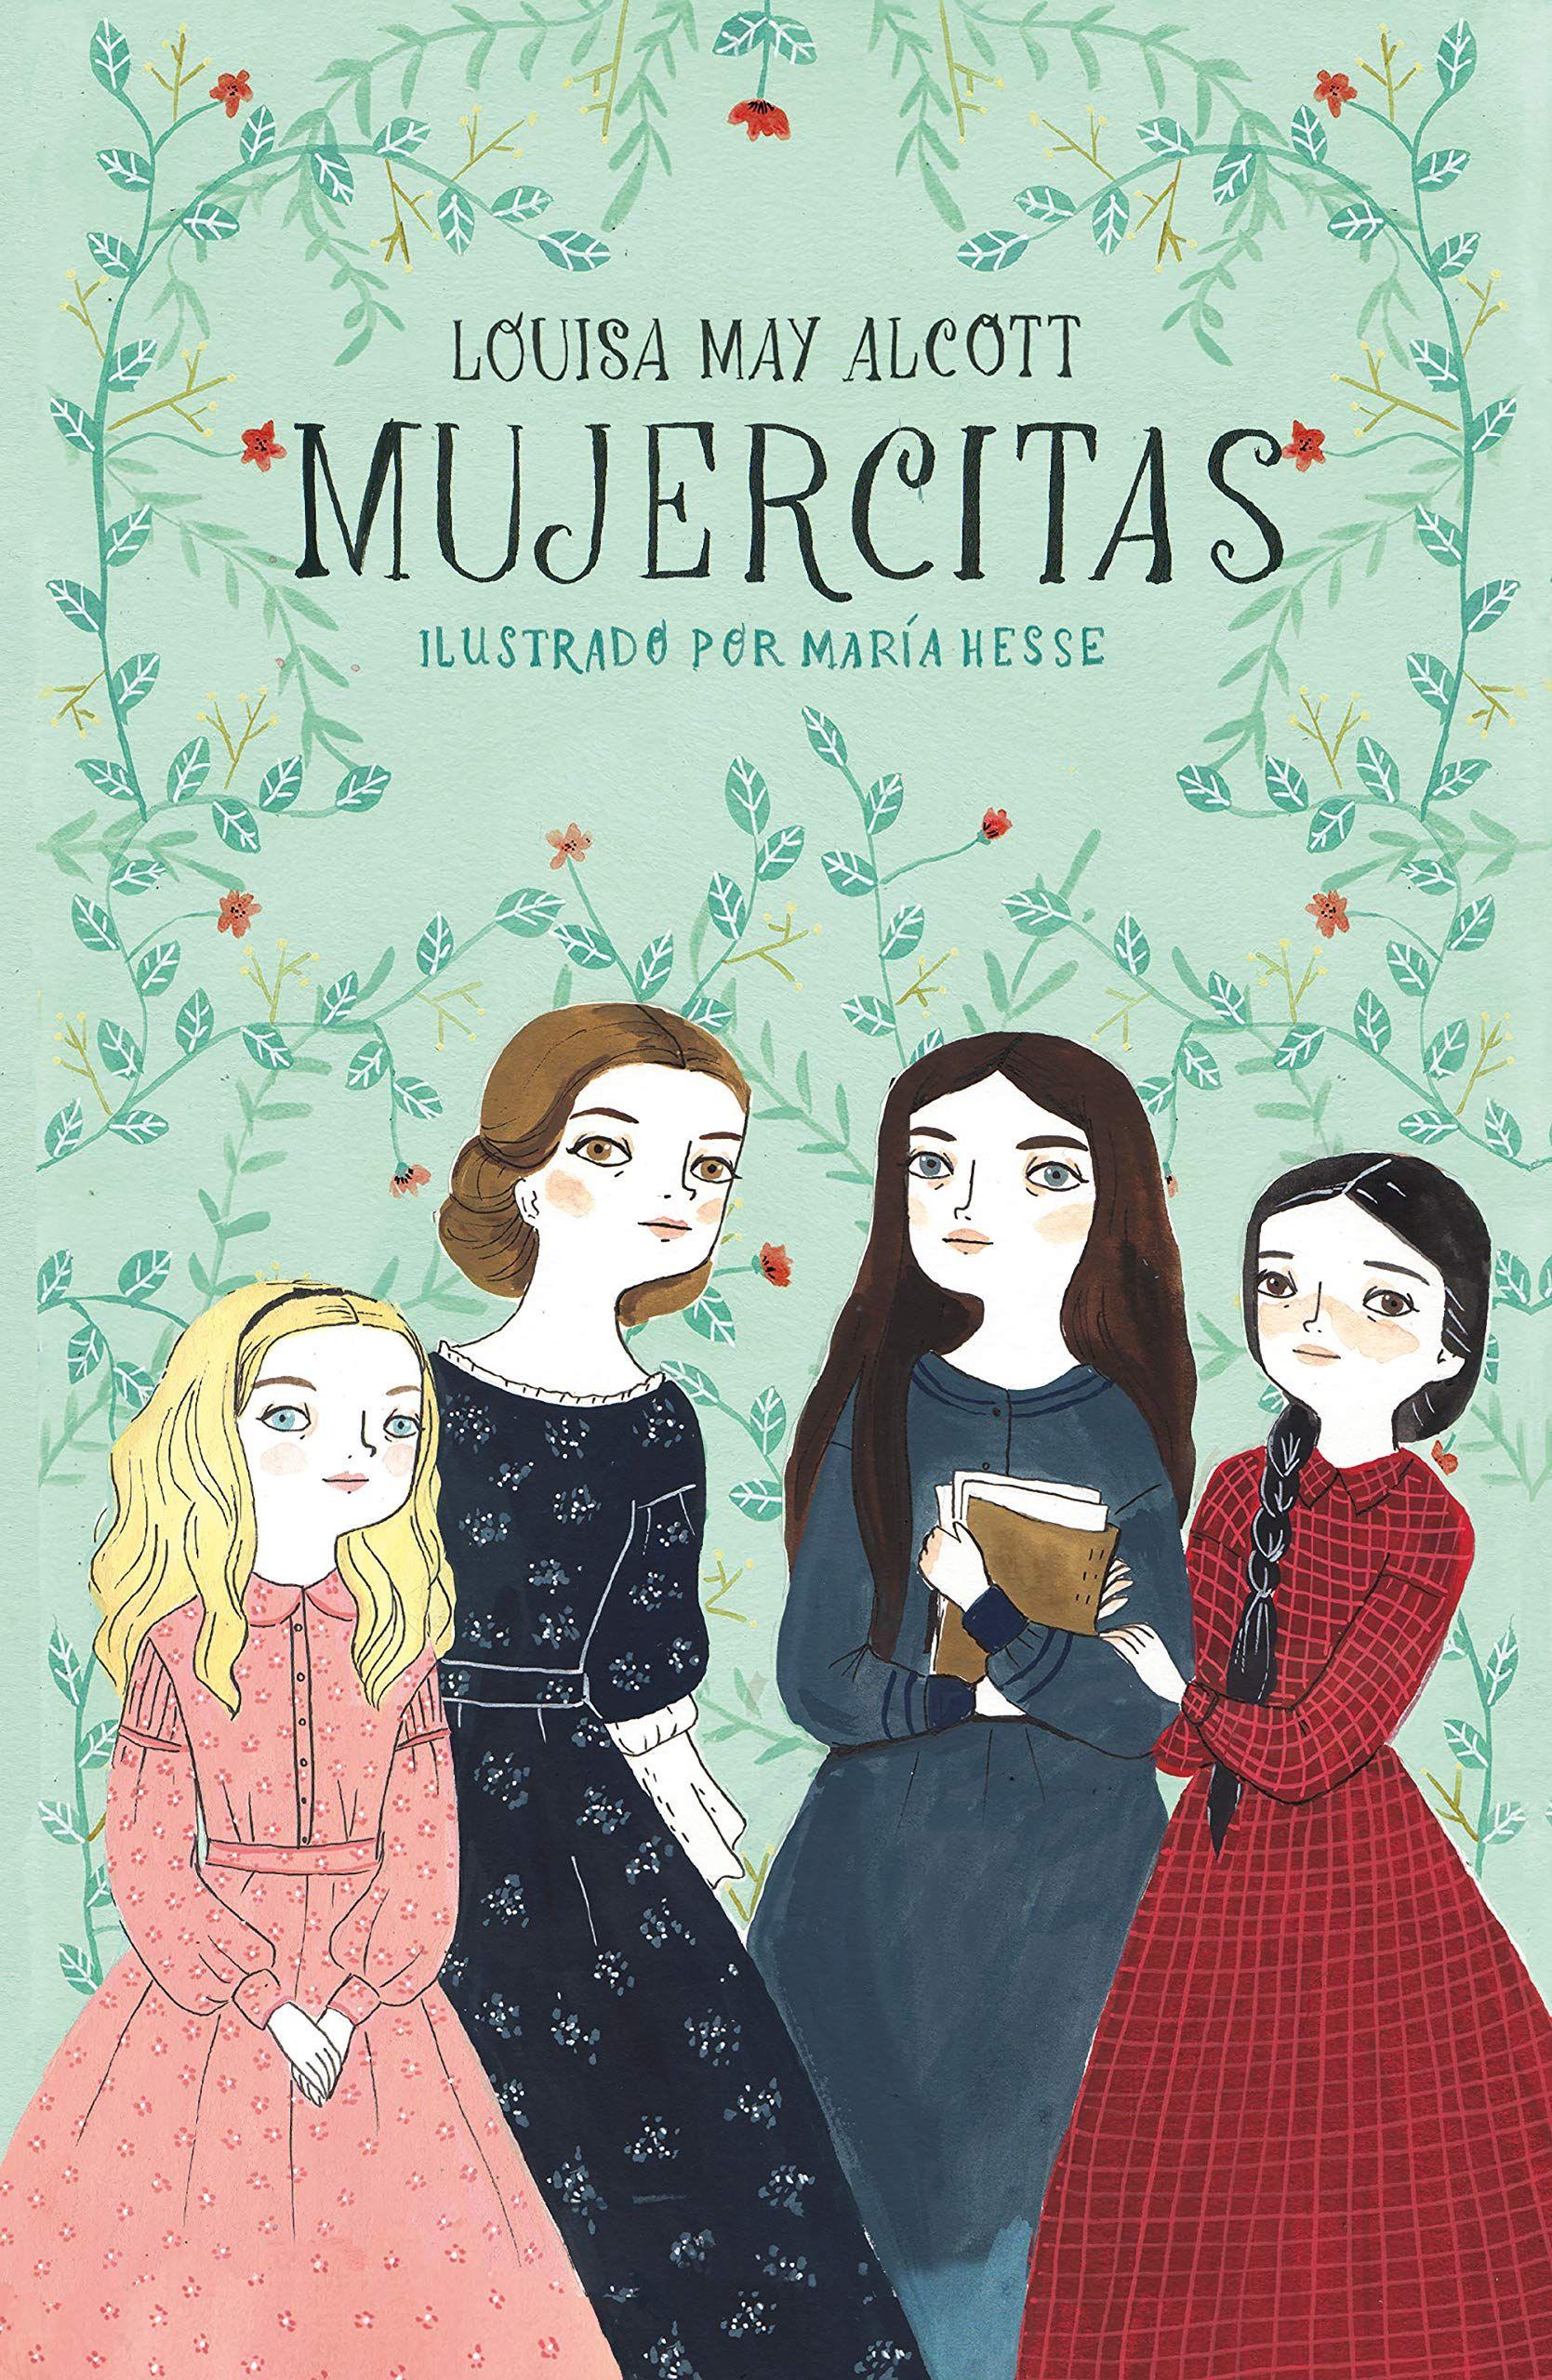 Mujercitas De Louisa May Alcott Libros Recomendados Para Niños Libros Para Leer Juveniles Libros Para Jovenes